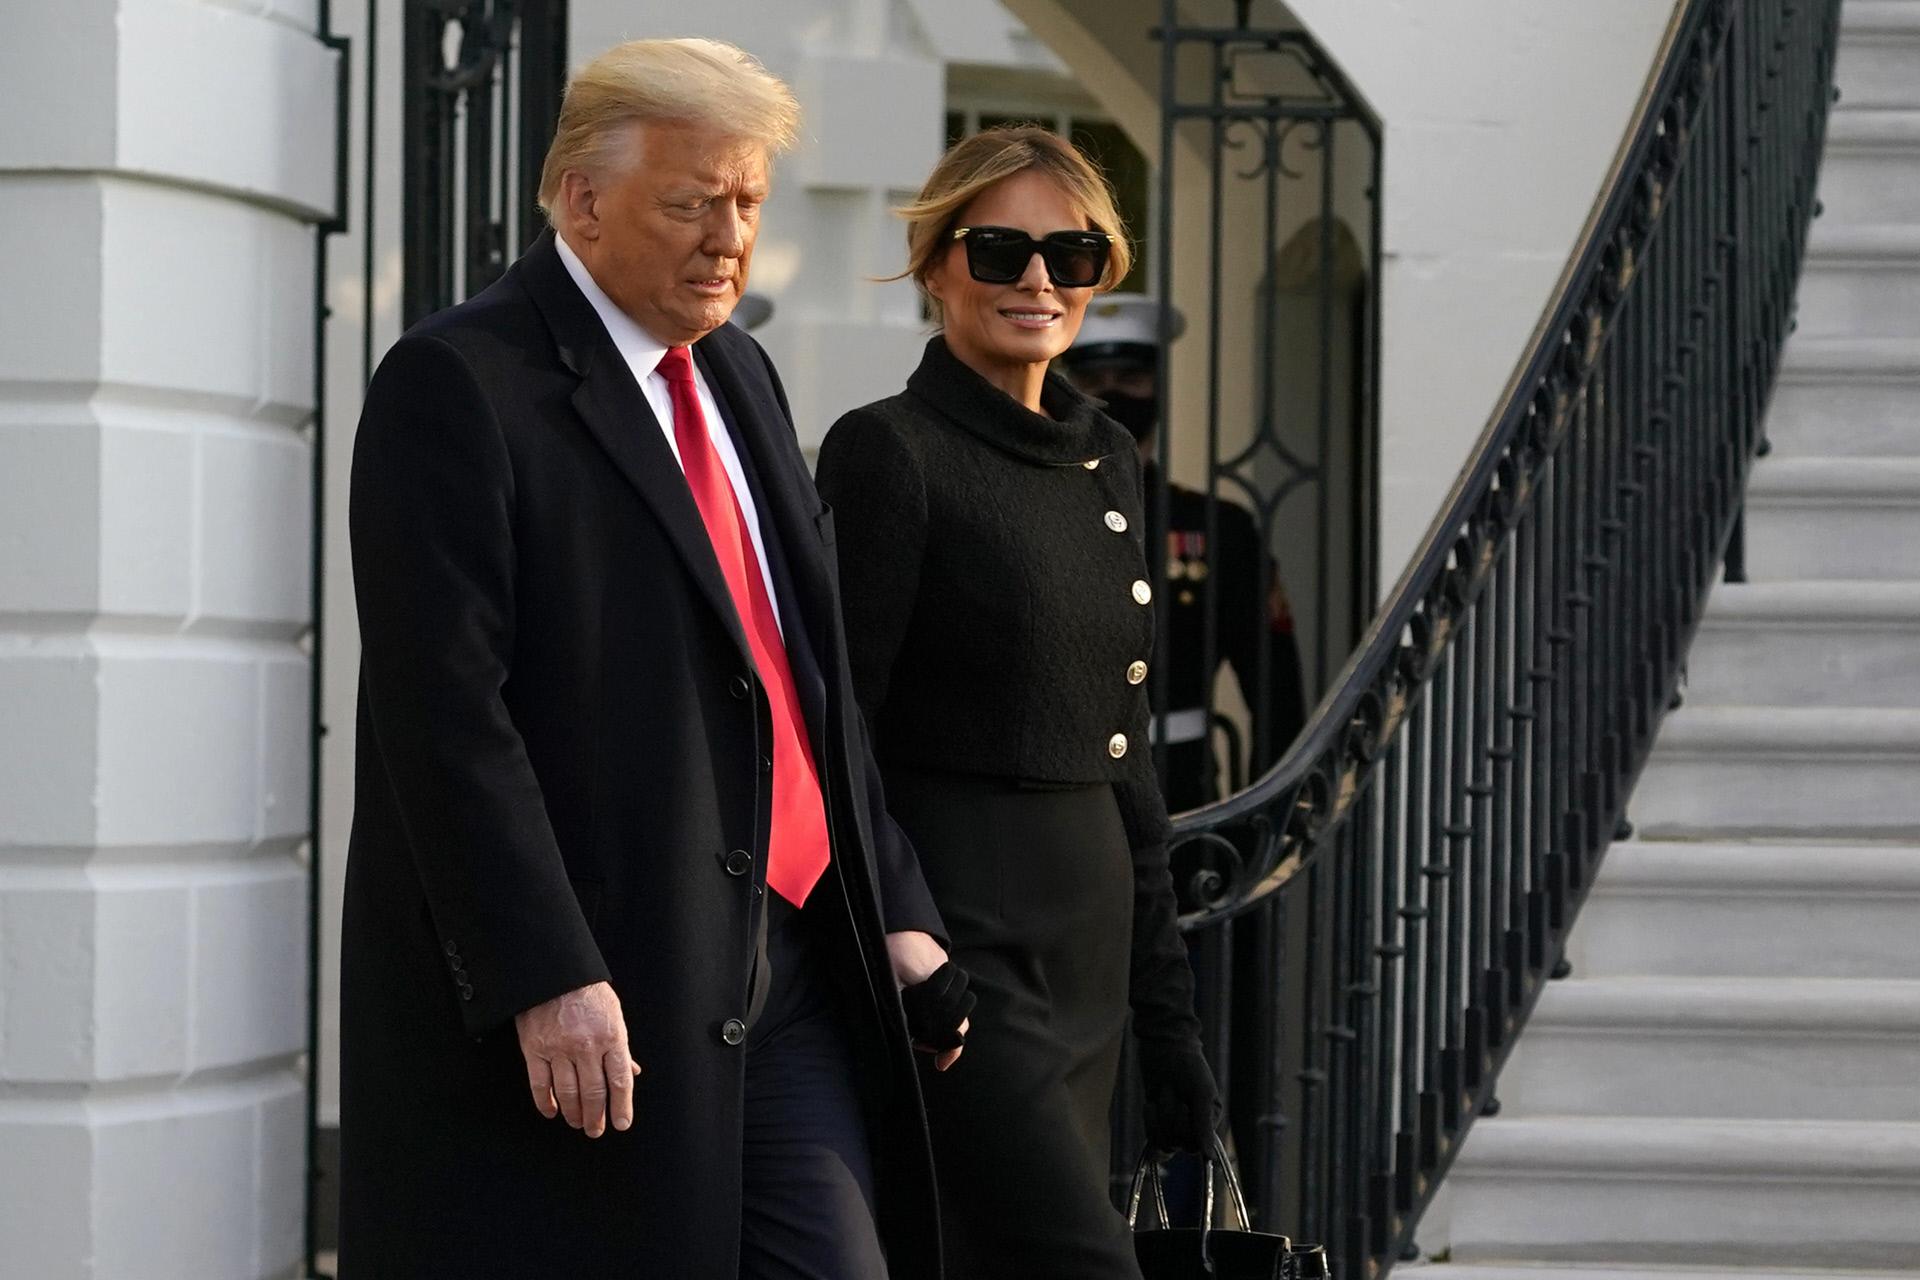 El matrimonio Trump.